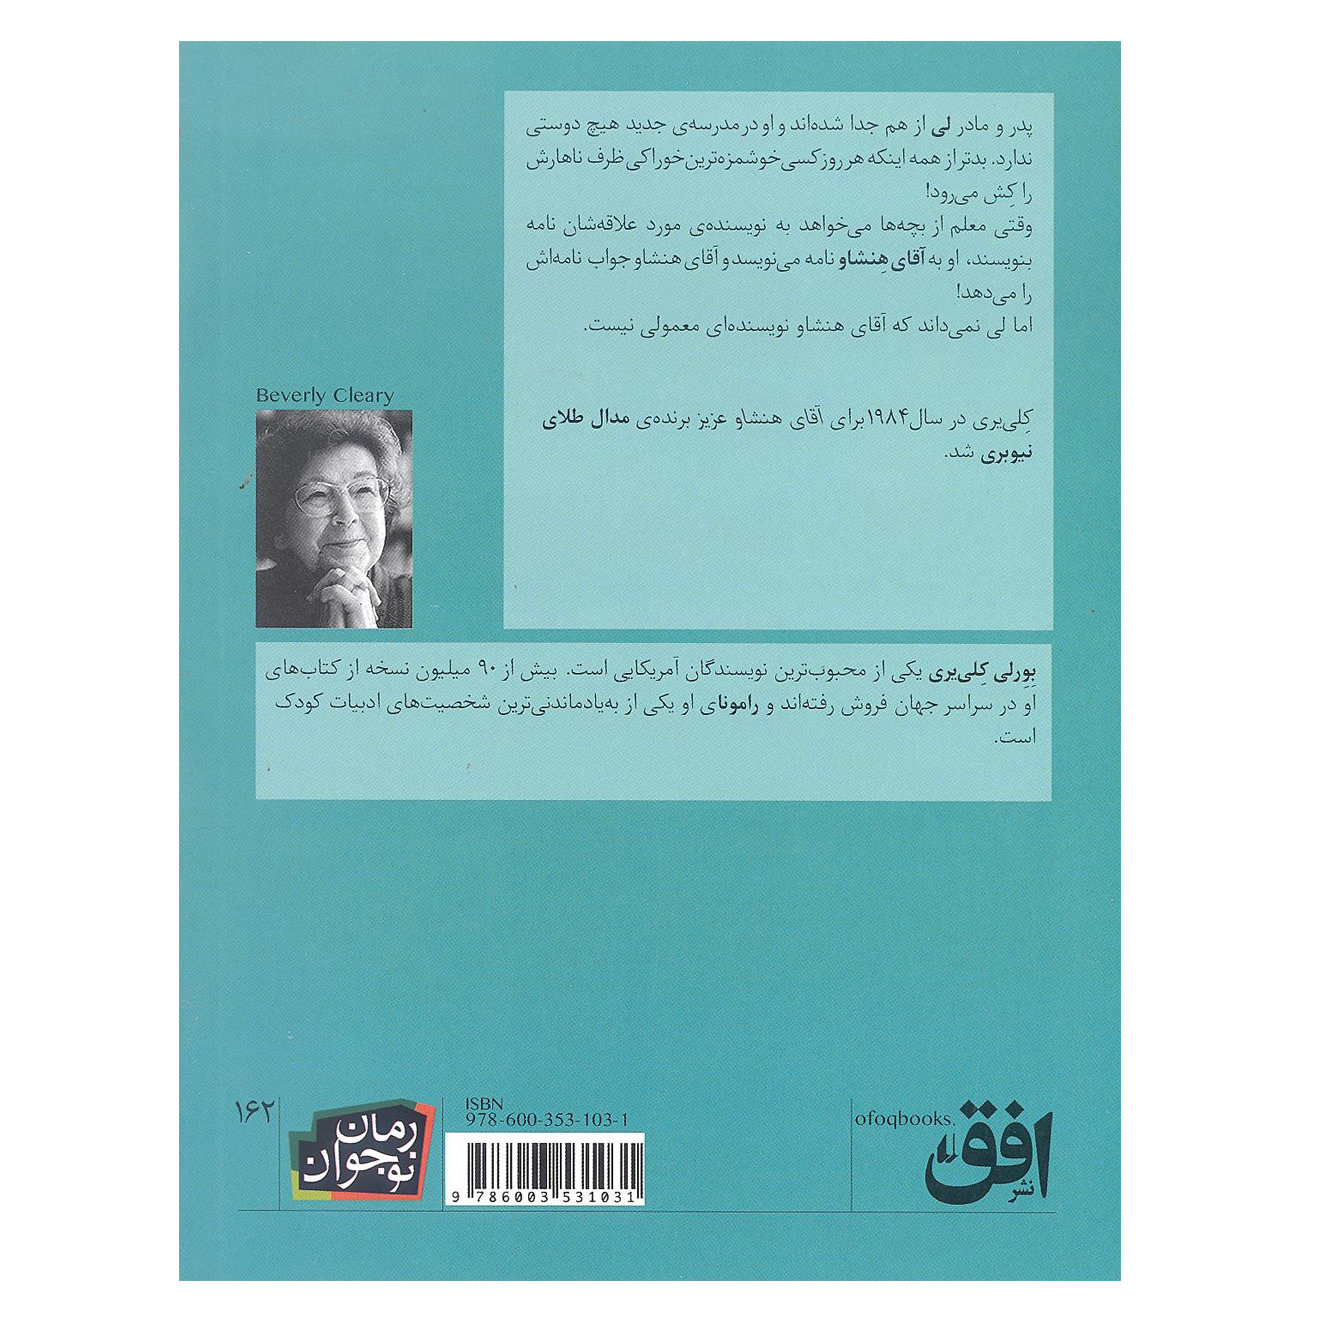 کتاب آقای هنشا و عزیز اثر بورلی کلی یری نشر افق